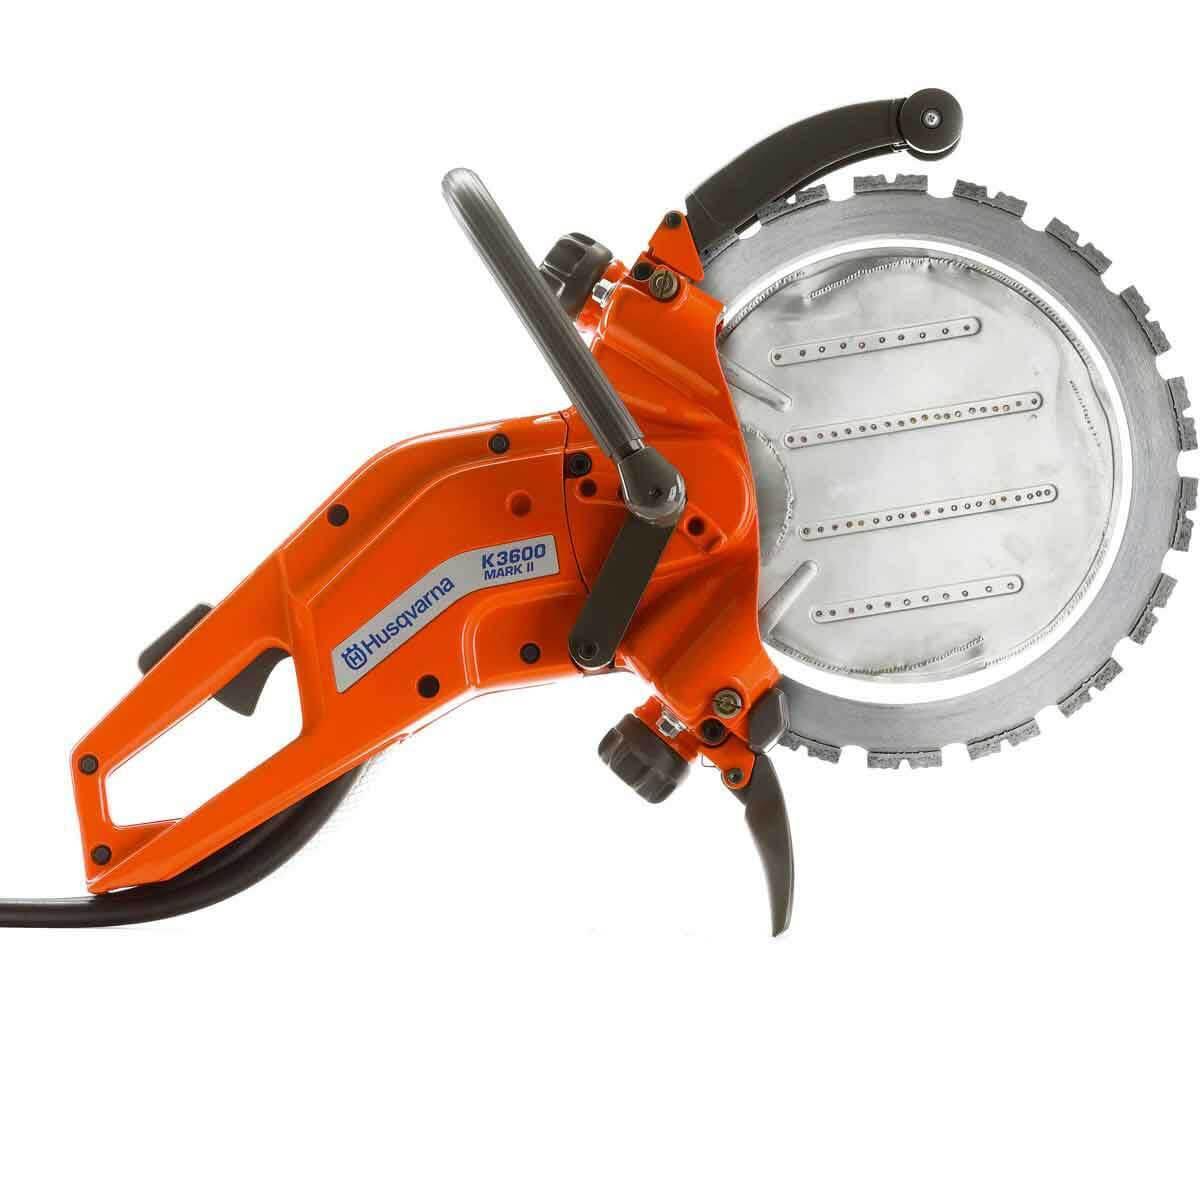 Husqvarna Hydraulic cut off saw